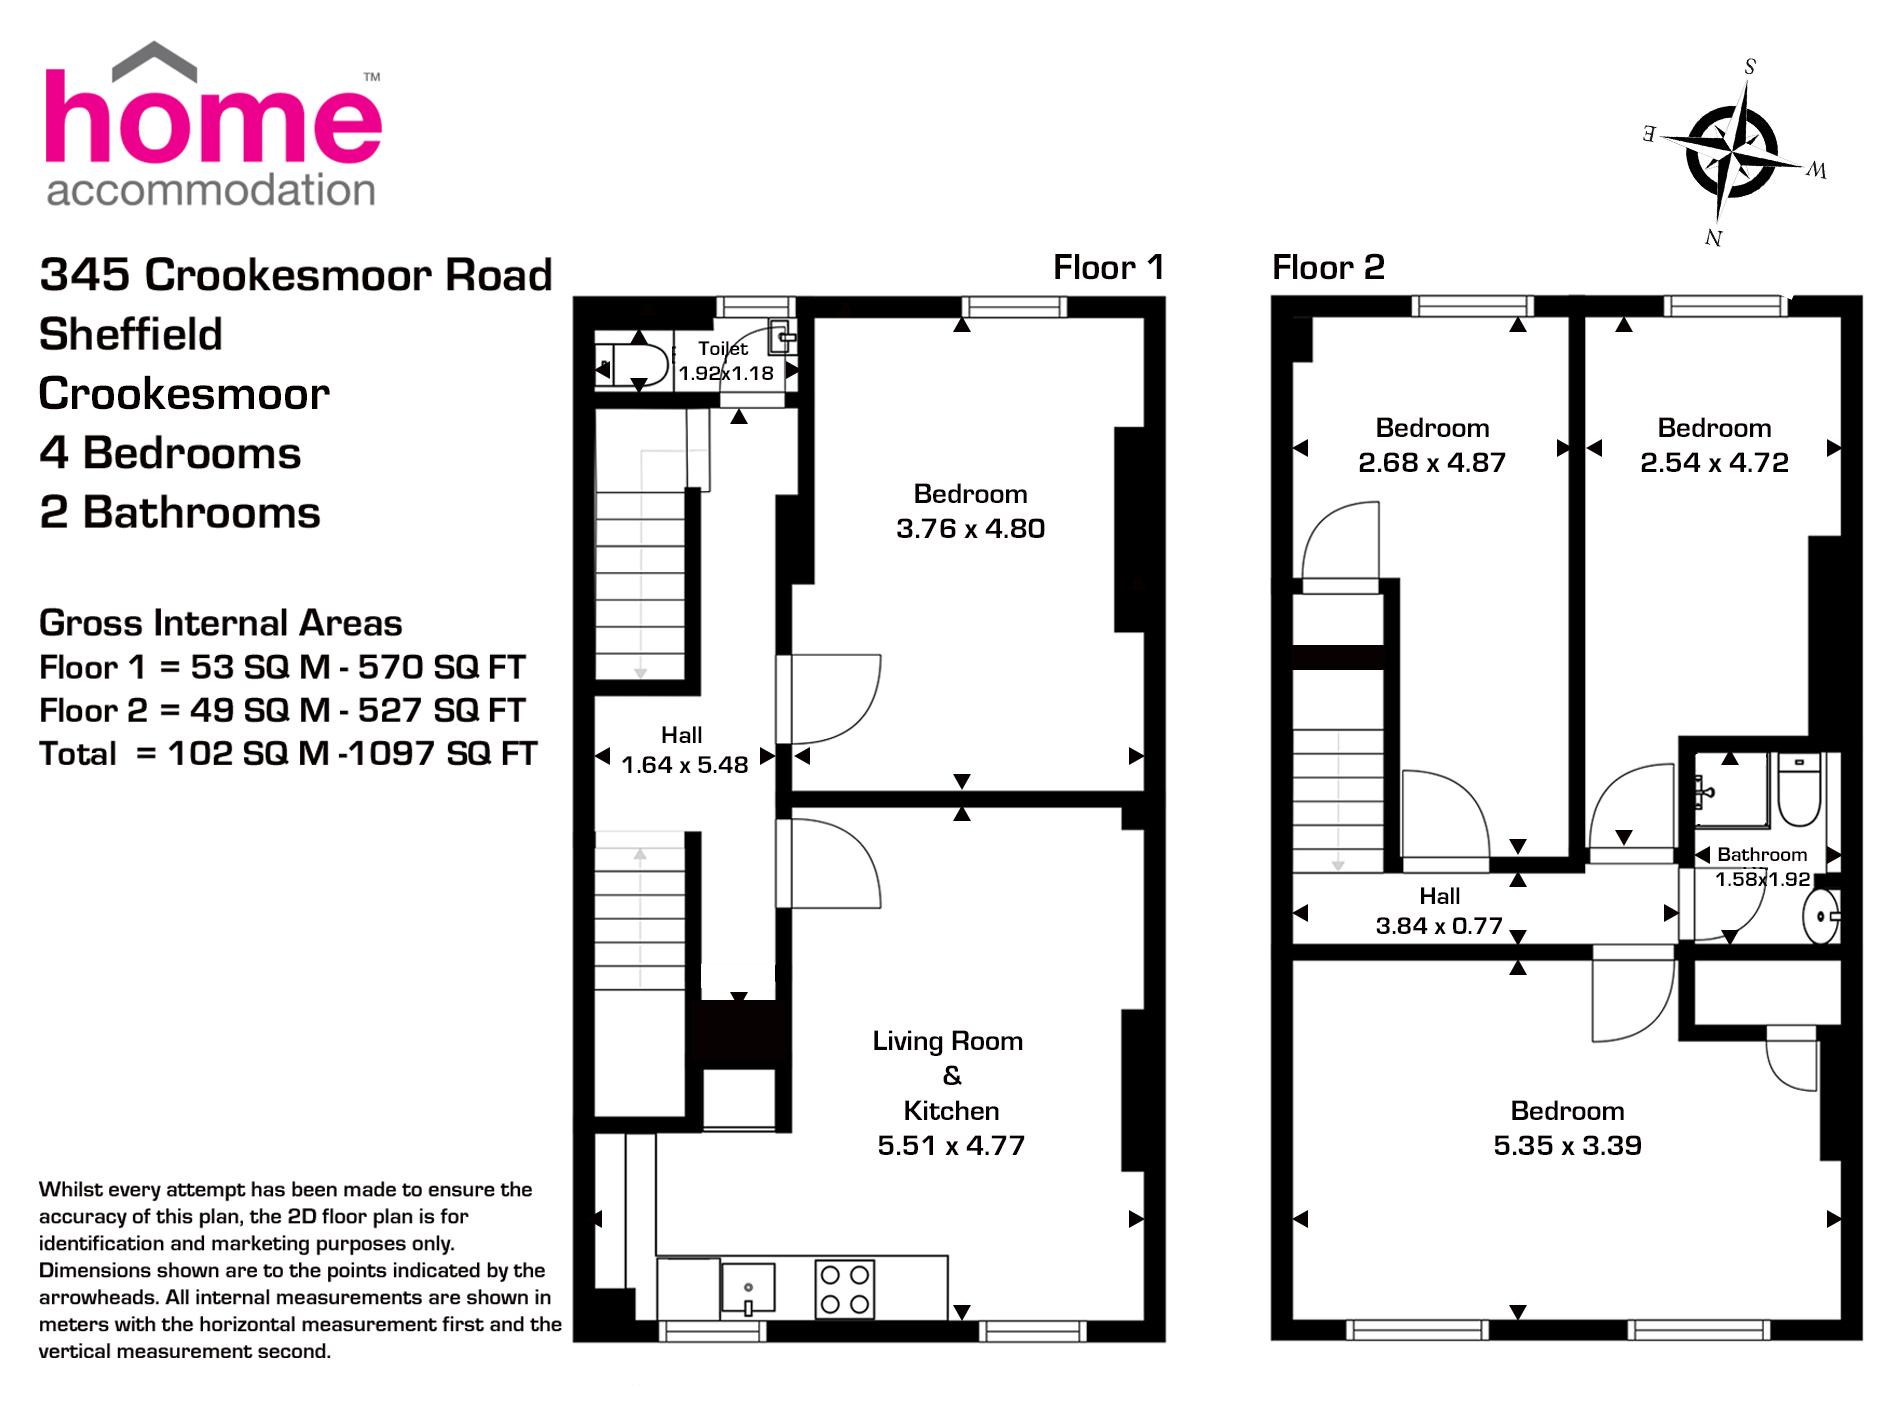 345 Crookesmoor Road 2D Floor Plan (1).jpg